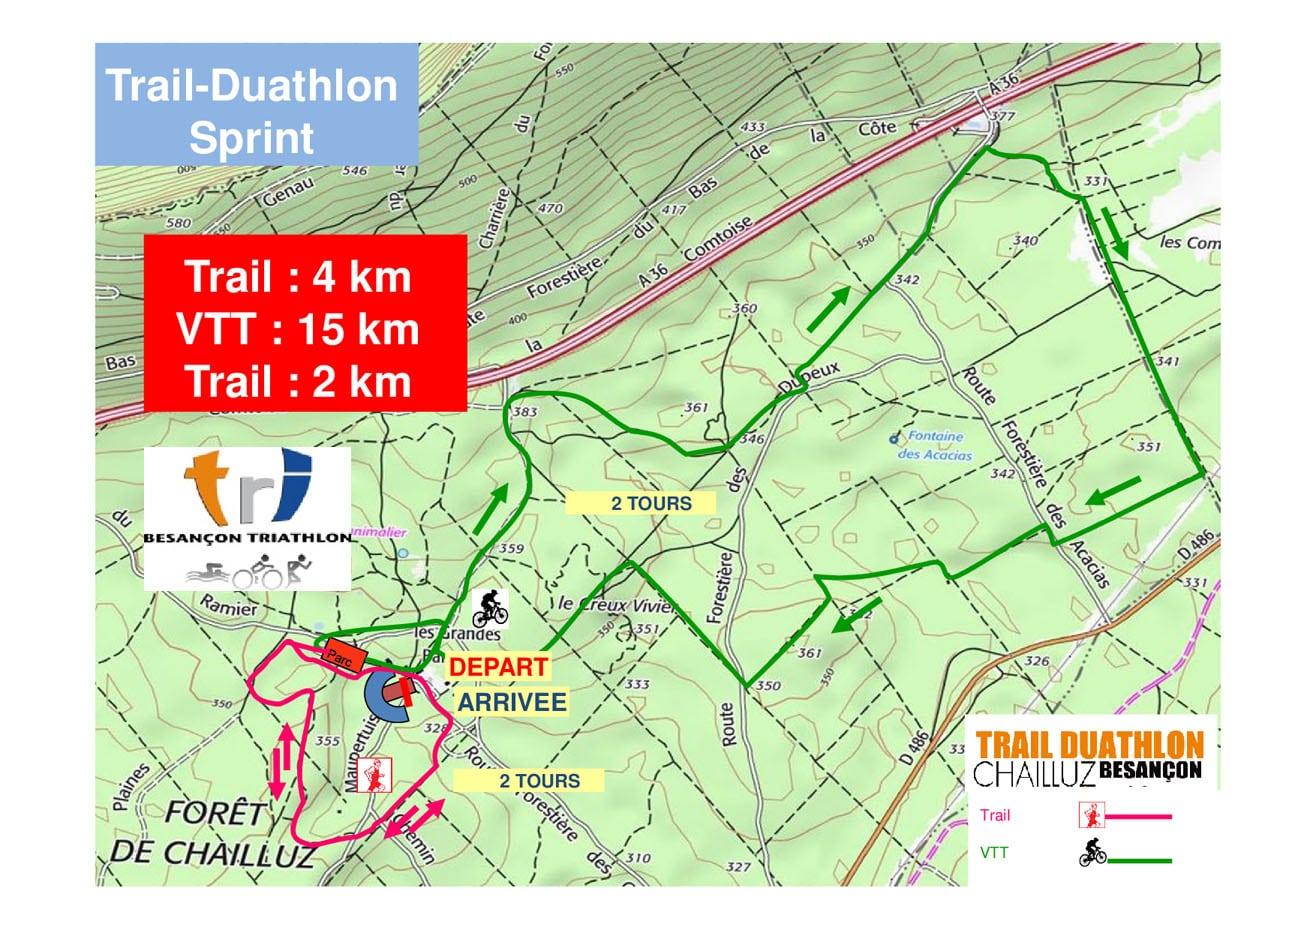 Parcours Sprint Trail Duathlon Chailluz